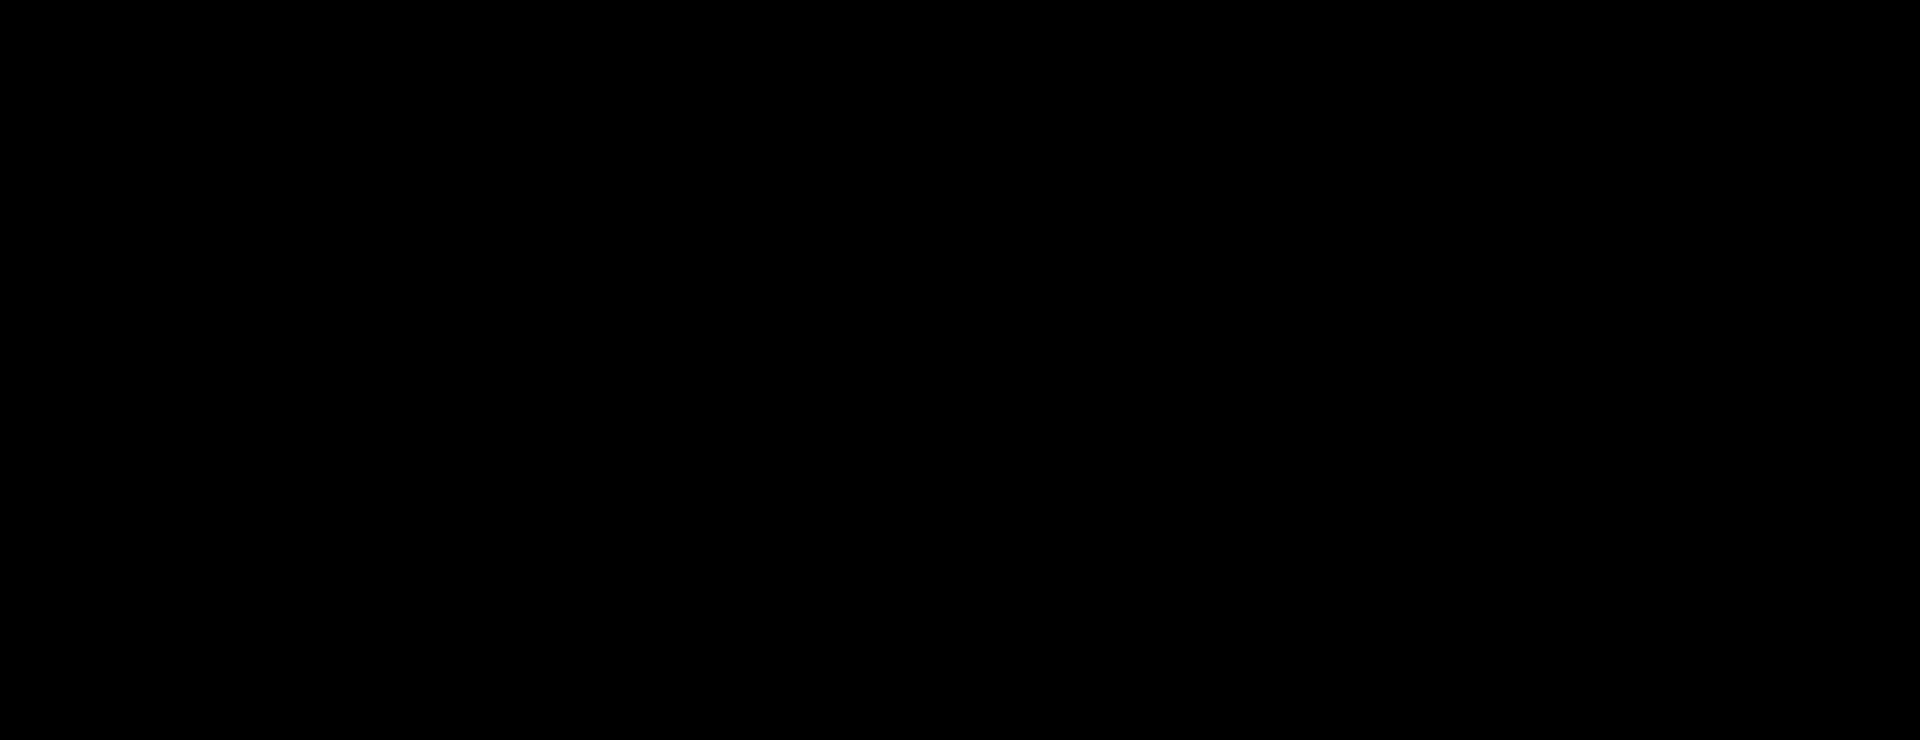 حمض ثيو ثنائي الجلايكوليك Thiodiglycolic Acid